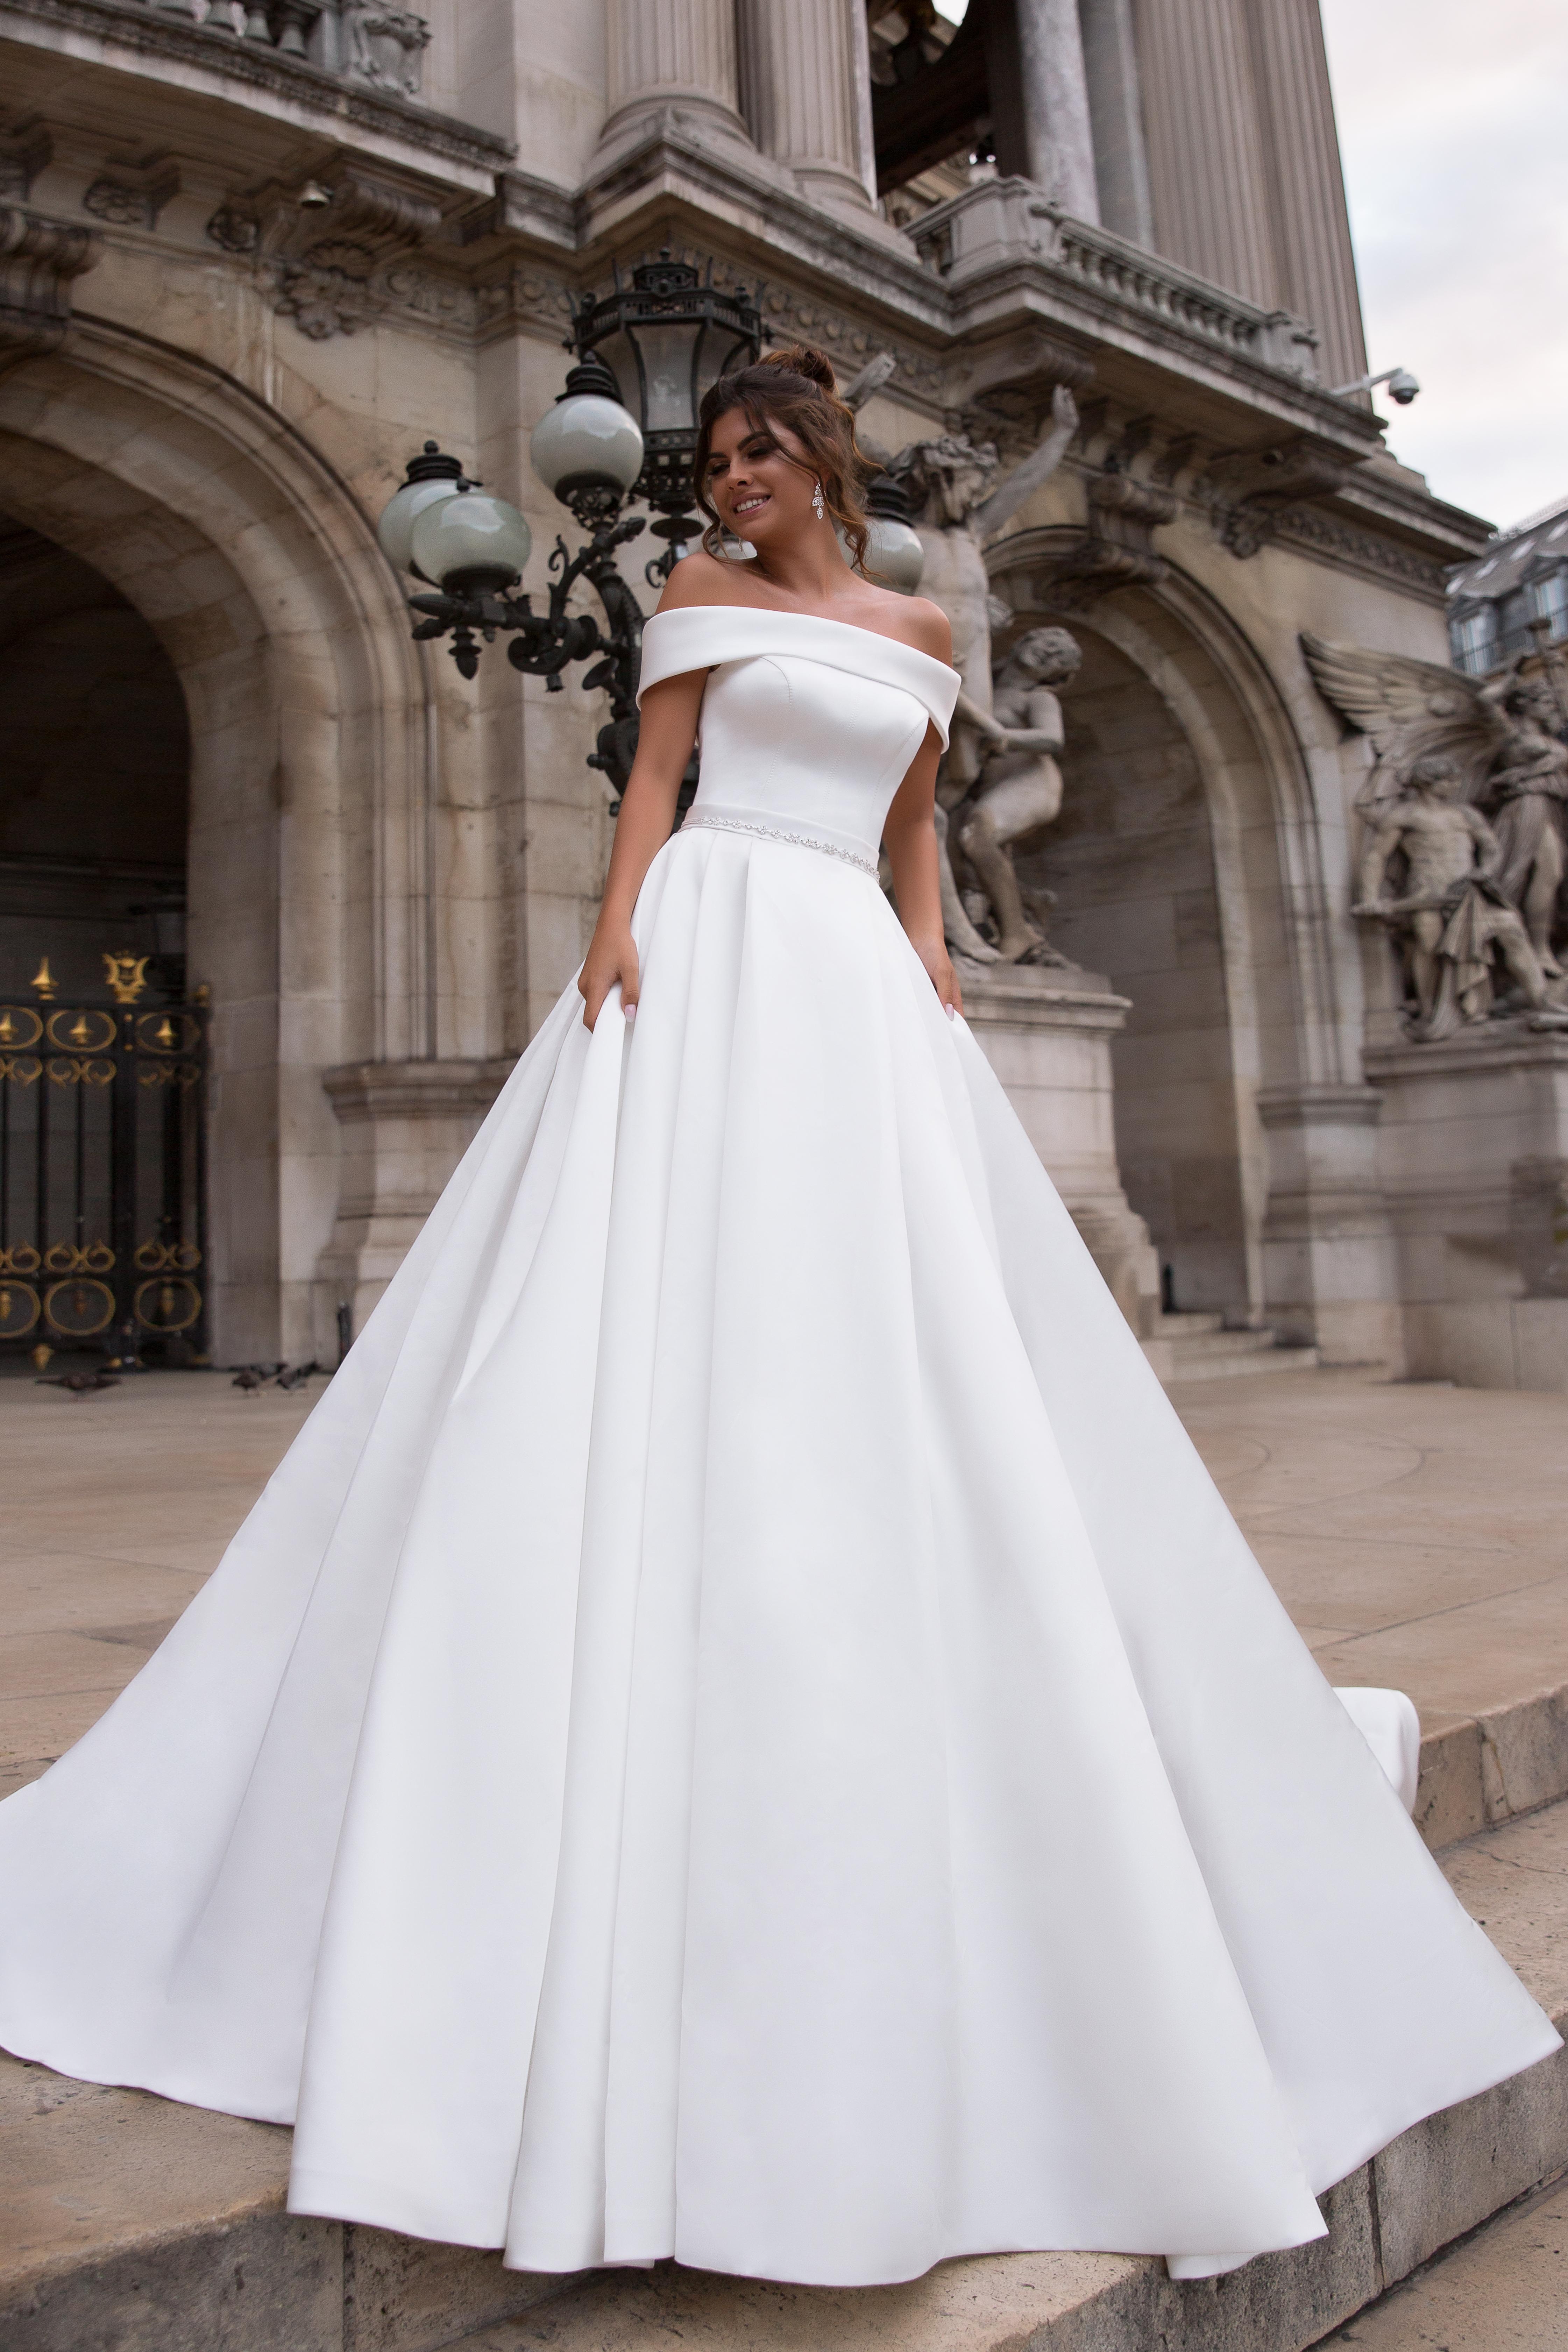 Свадебные платья Evis-1 Силуэт  Пишный  Цвет  White  Вырез  Прямой  Рукава  Приспущенный  Шлейф  Со шлейфом